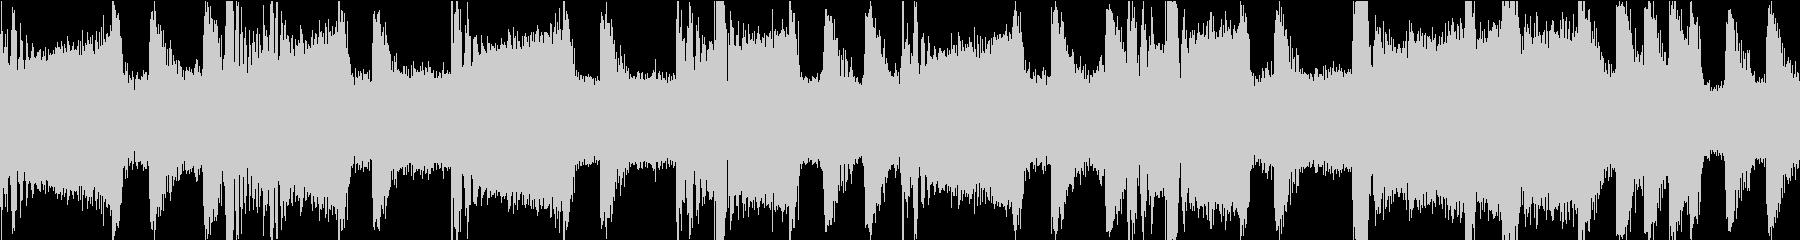 フューチャーベースの未再生の波形